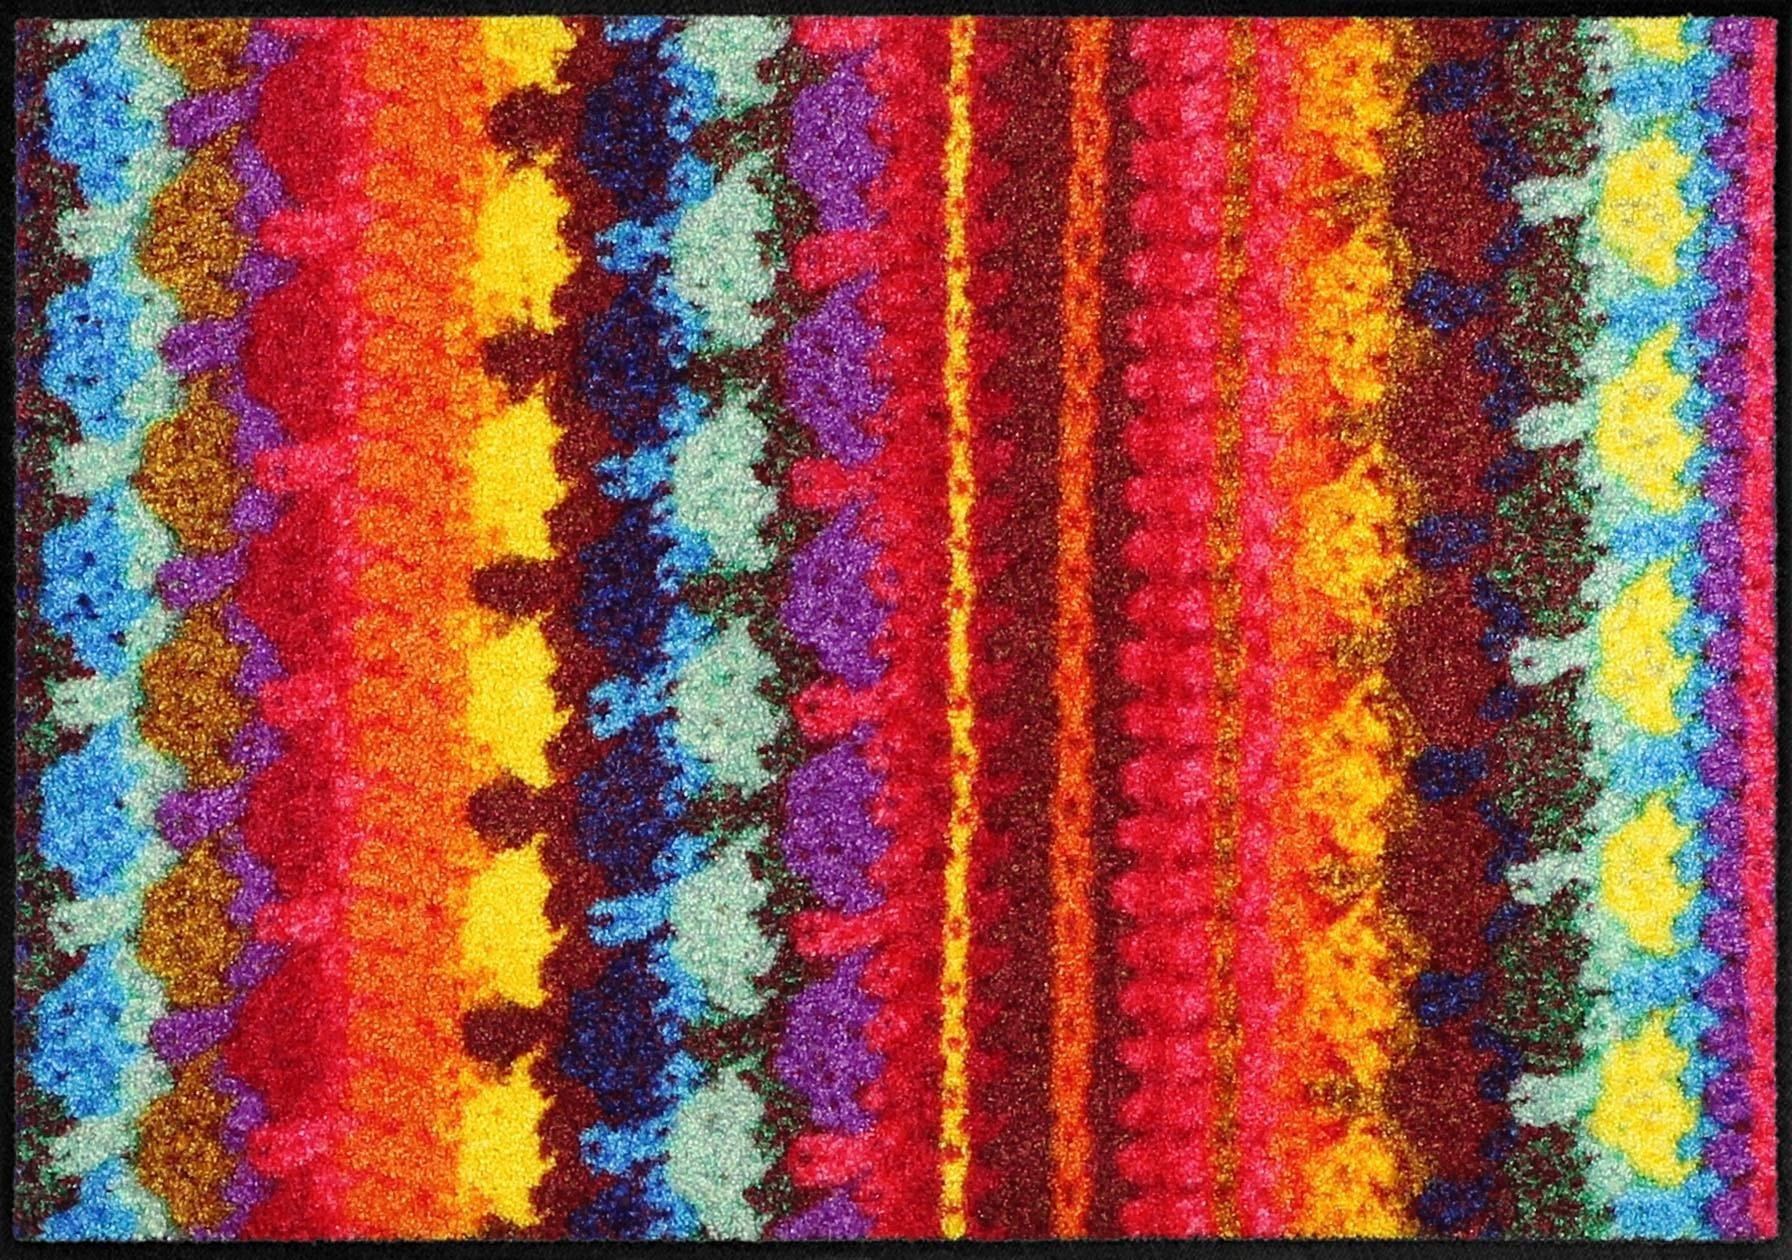 Fußmatte »Zorro«, Salonloewe, rechteckig, Höhe 7 mm | Heimtextilien > Fussmatten | Salonloewe